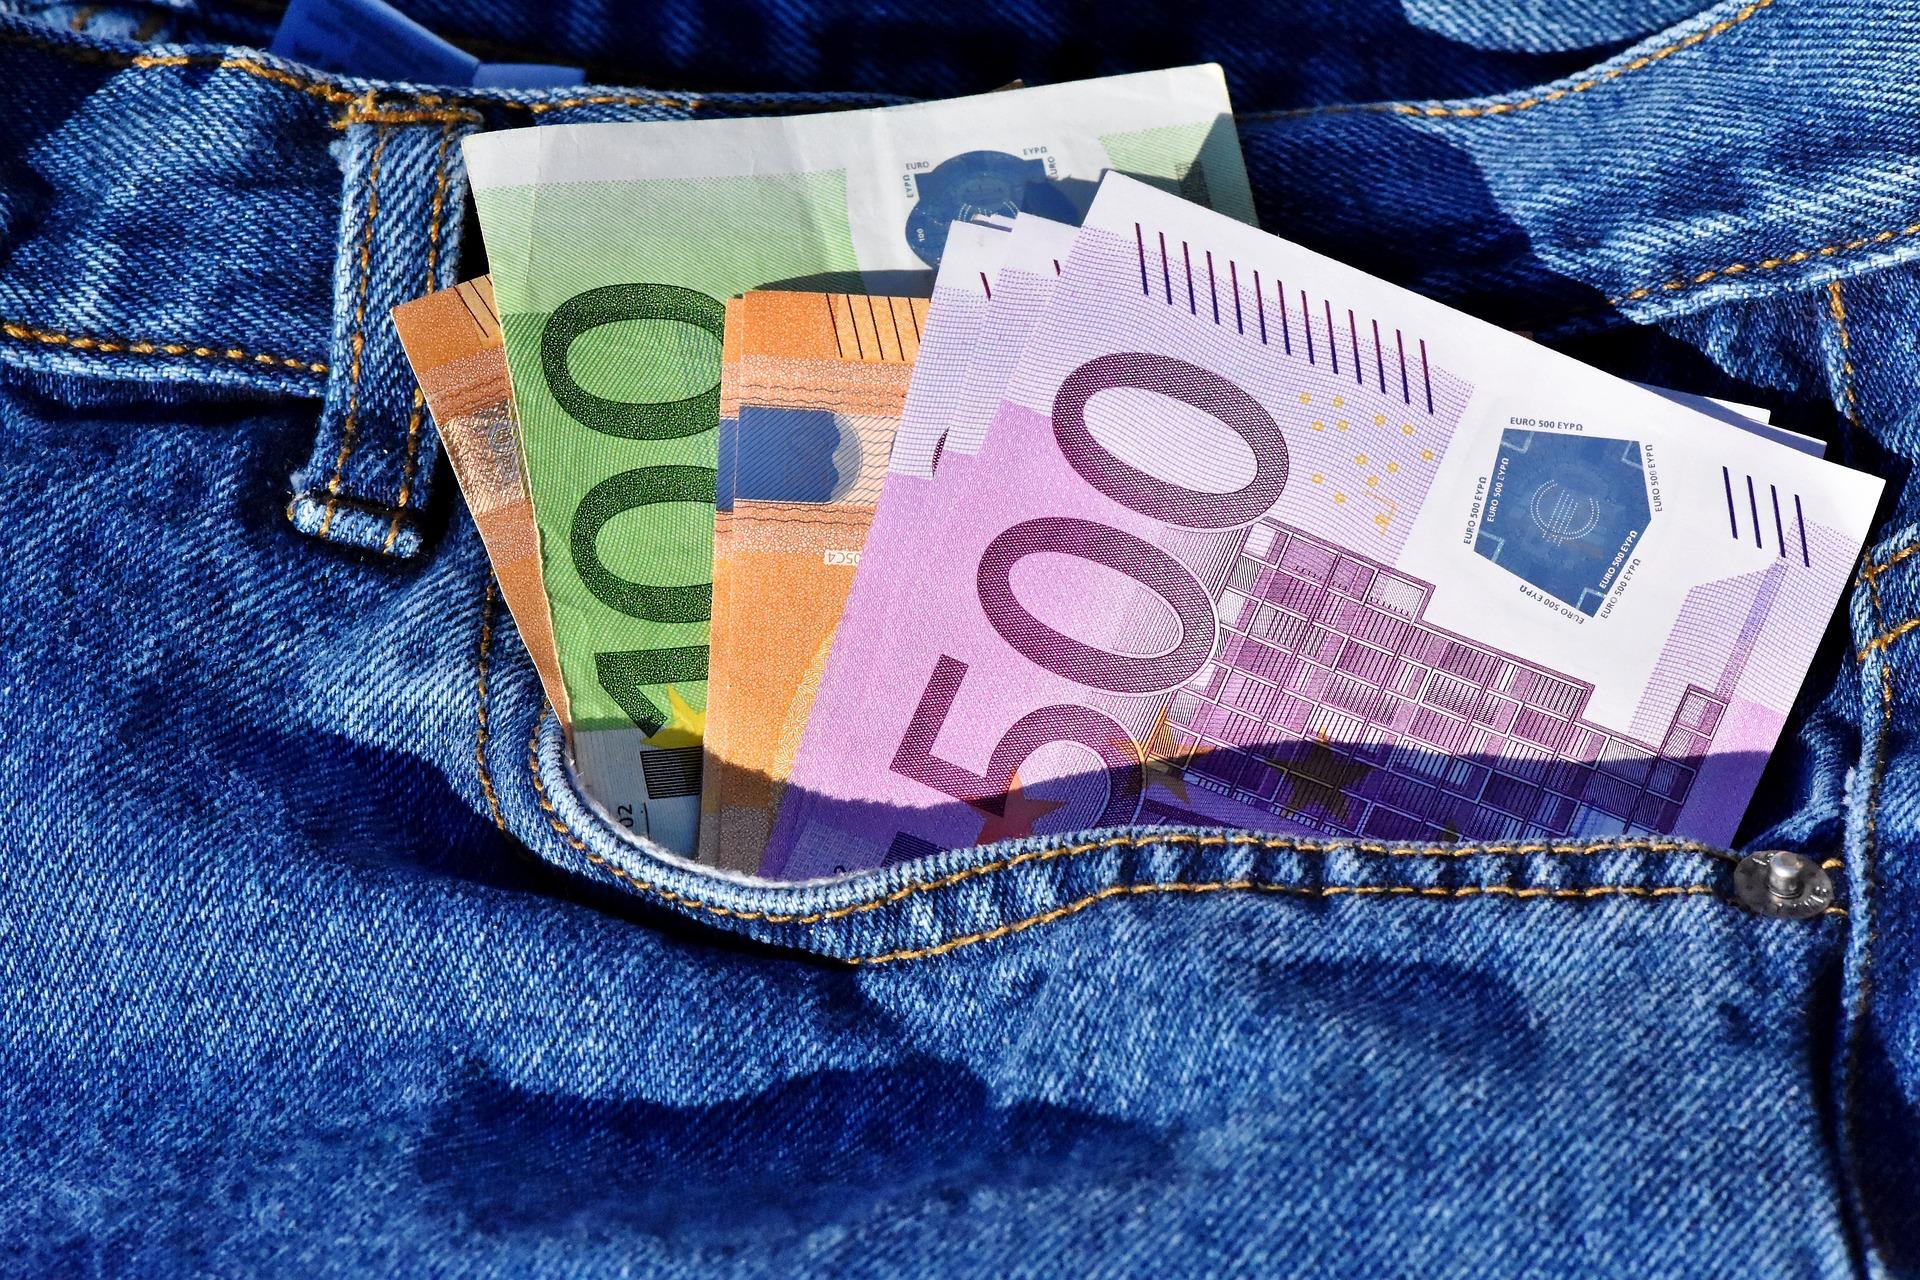 Bilden är en närbild på sidofickan på ett par blå jeans. Sju olika Euro-sedlar sticker upp ur fickan.